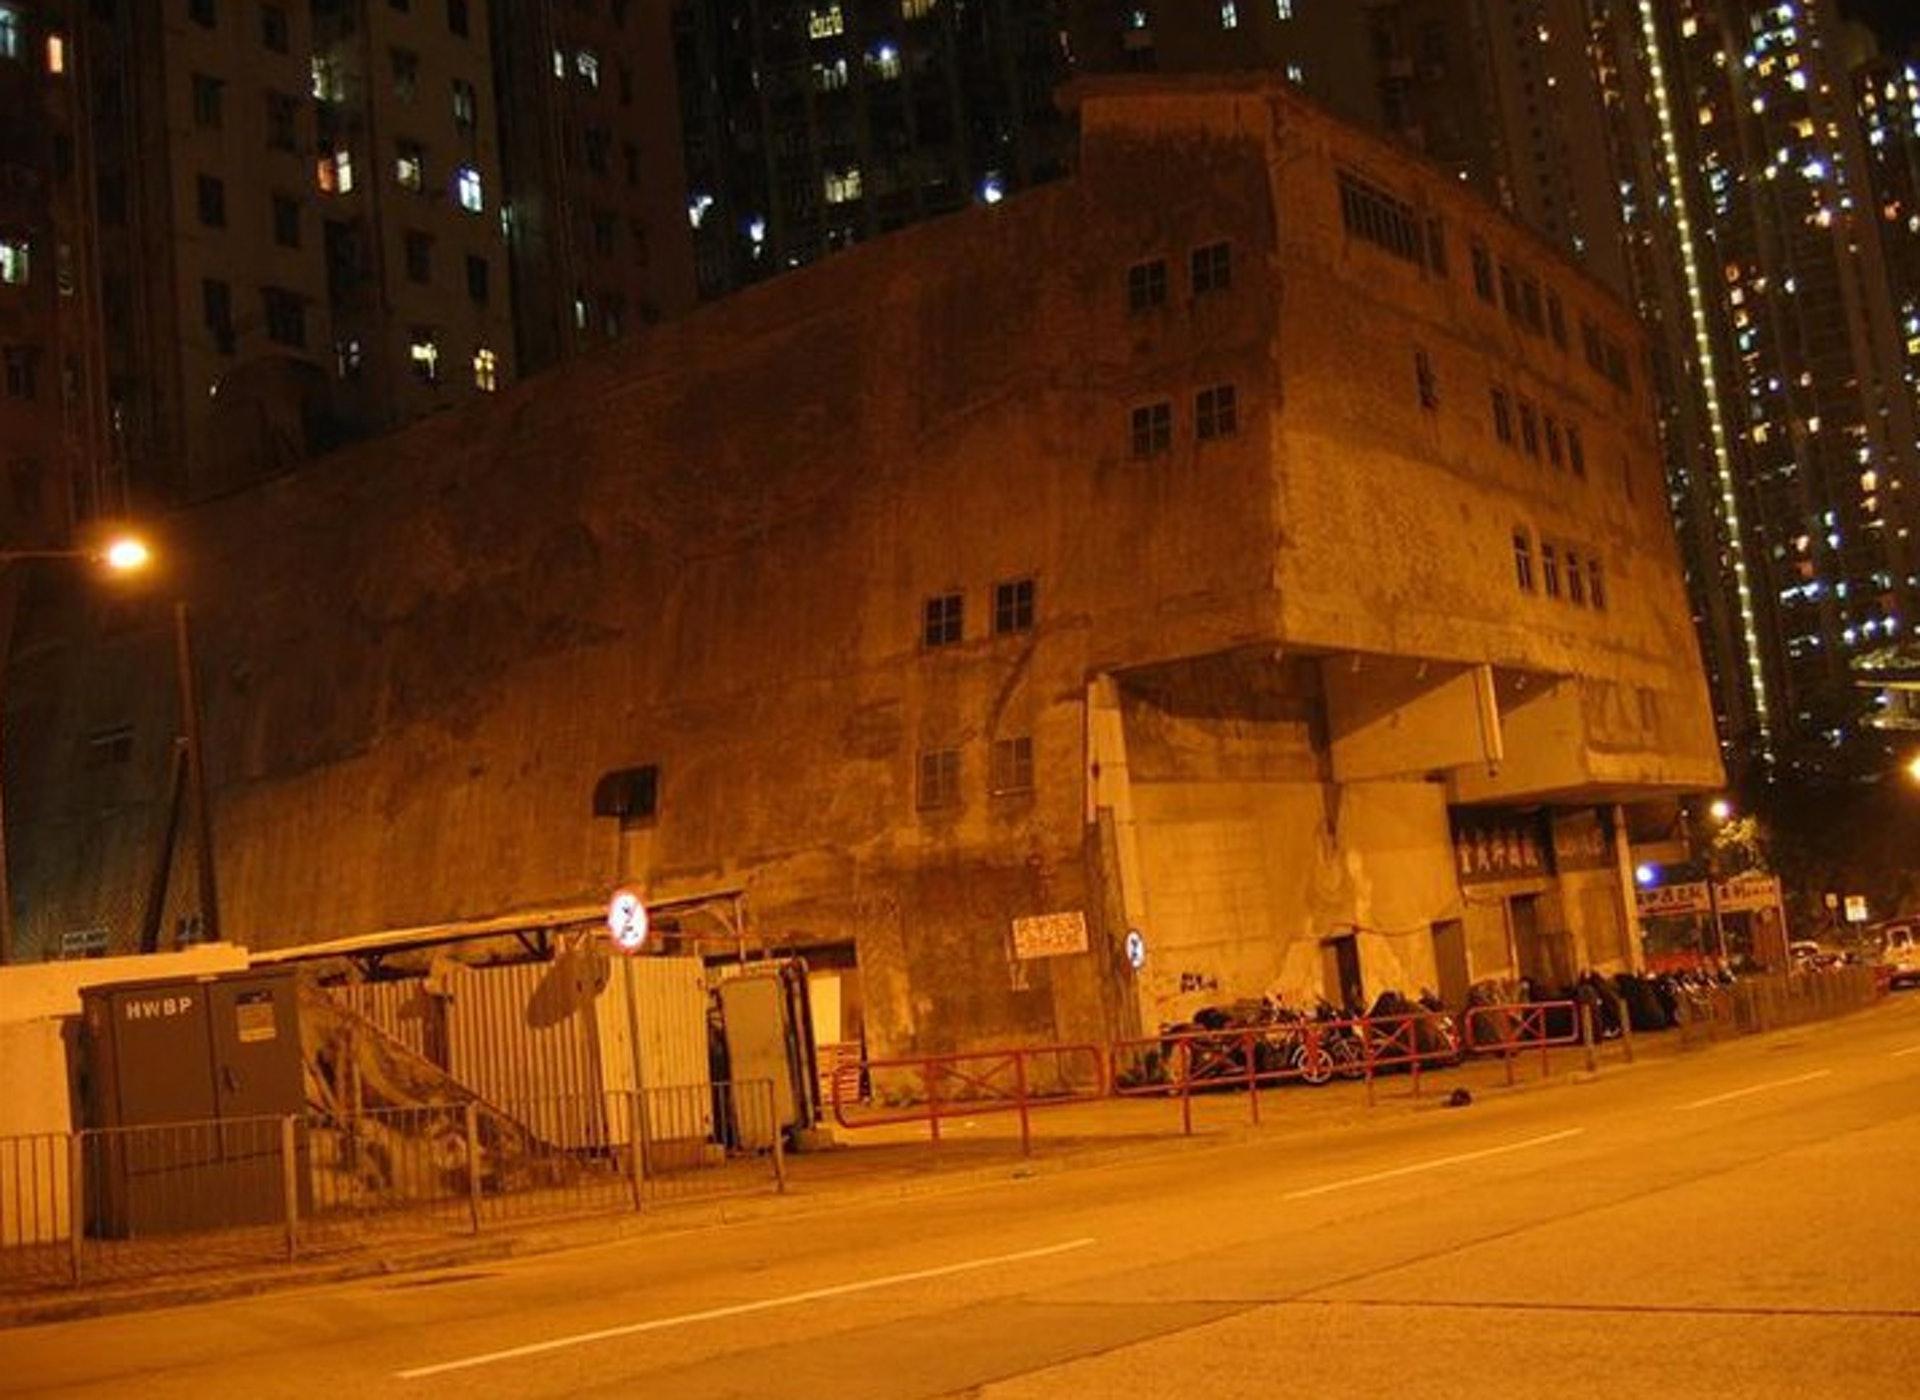 【十二傳說以外#1】金茂坪戲院被指為拆不得的戲院。(網上照片)